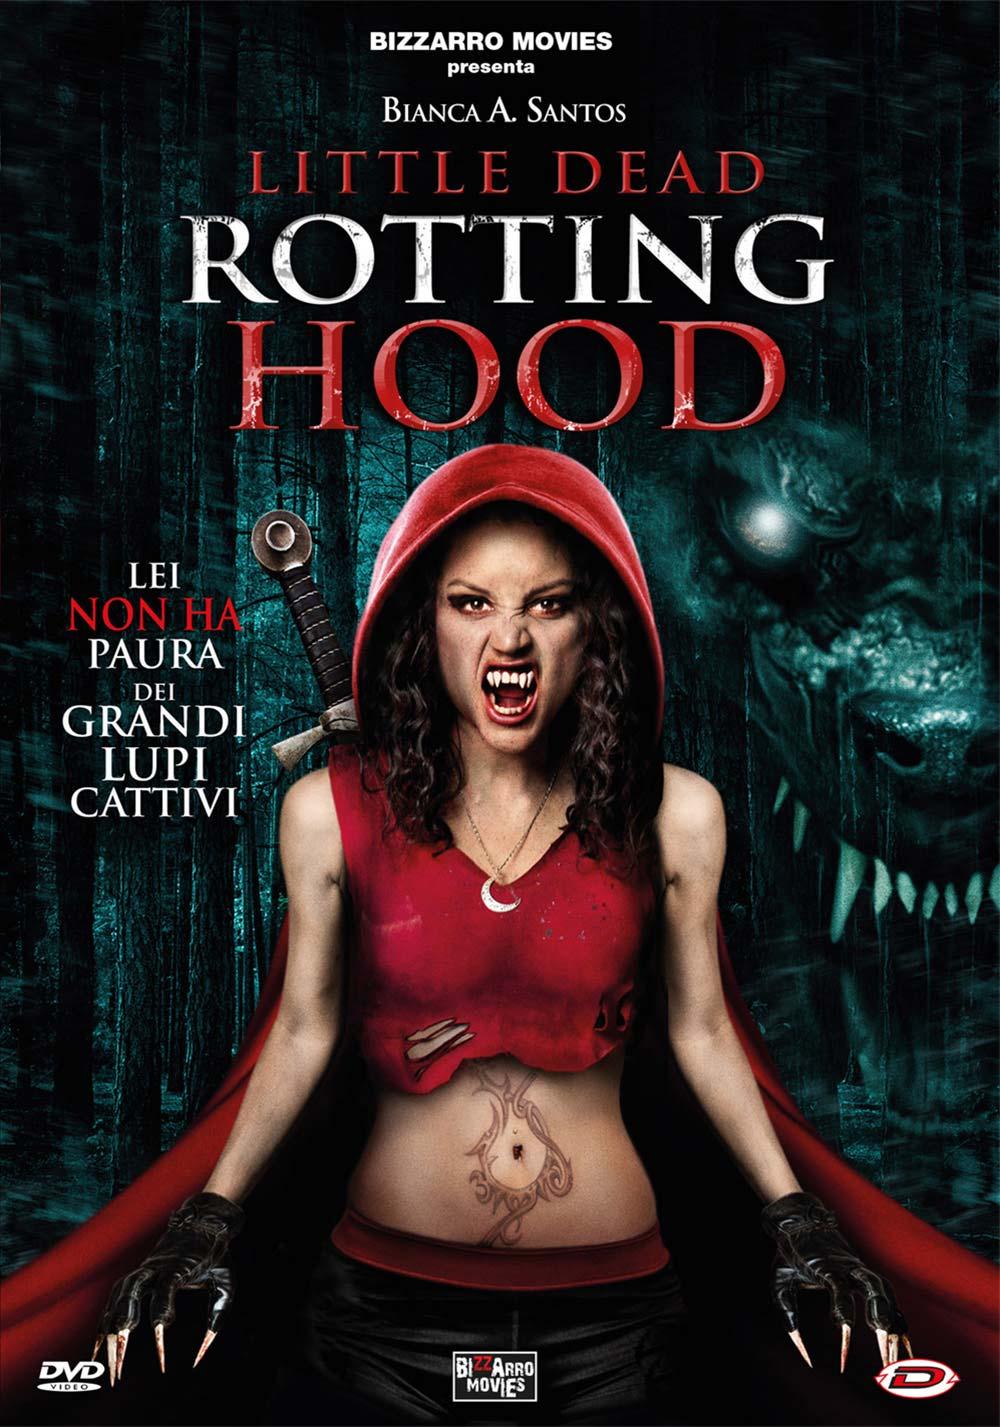 LITTLE DEAD ROTTING HOOD (DVD)